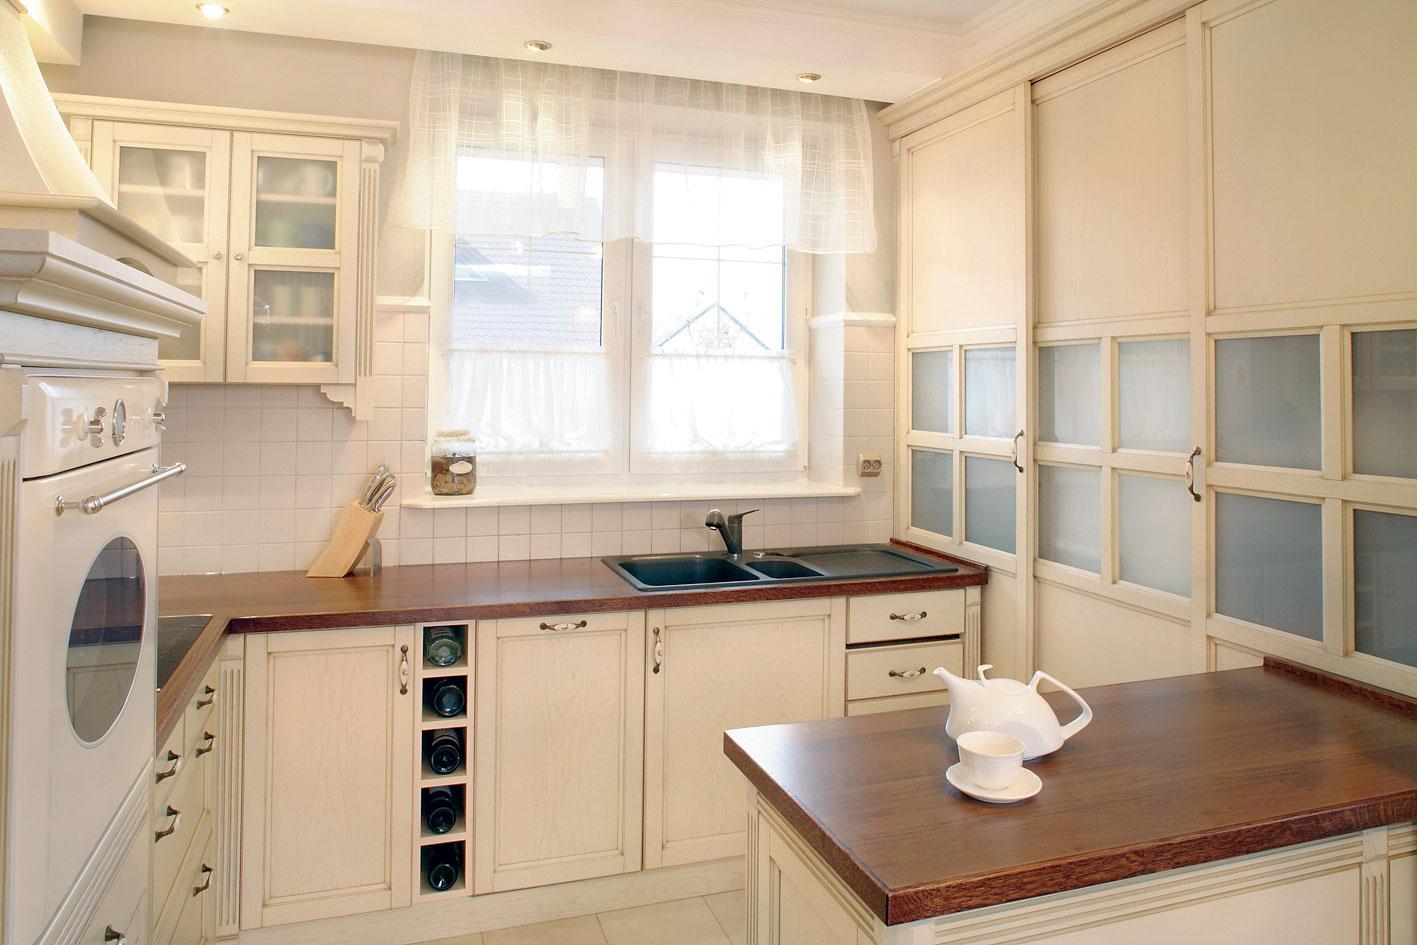 Черная мойка под окном на кухне